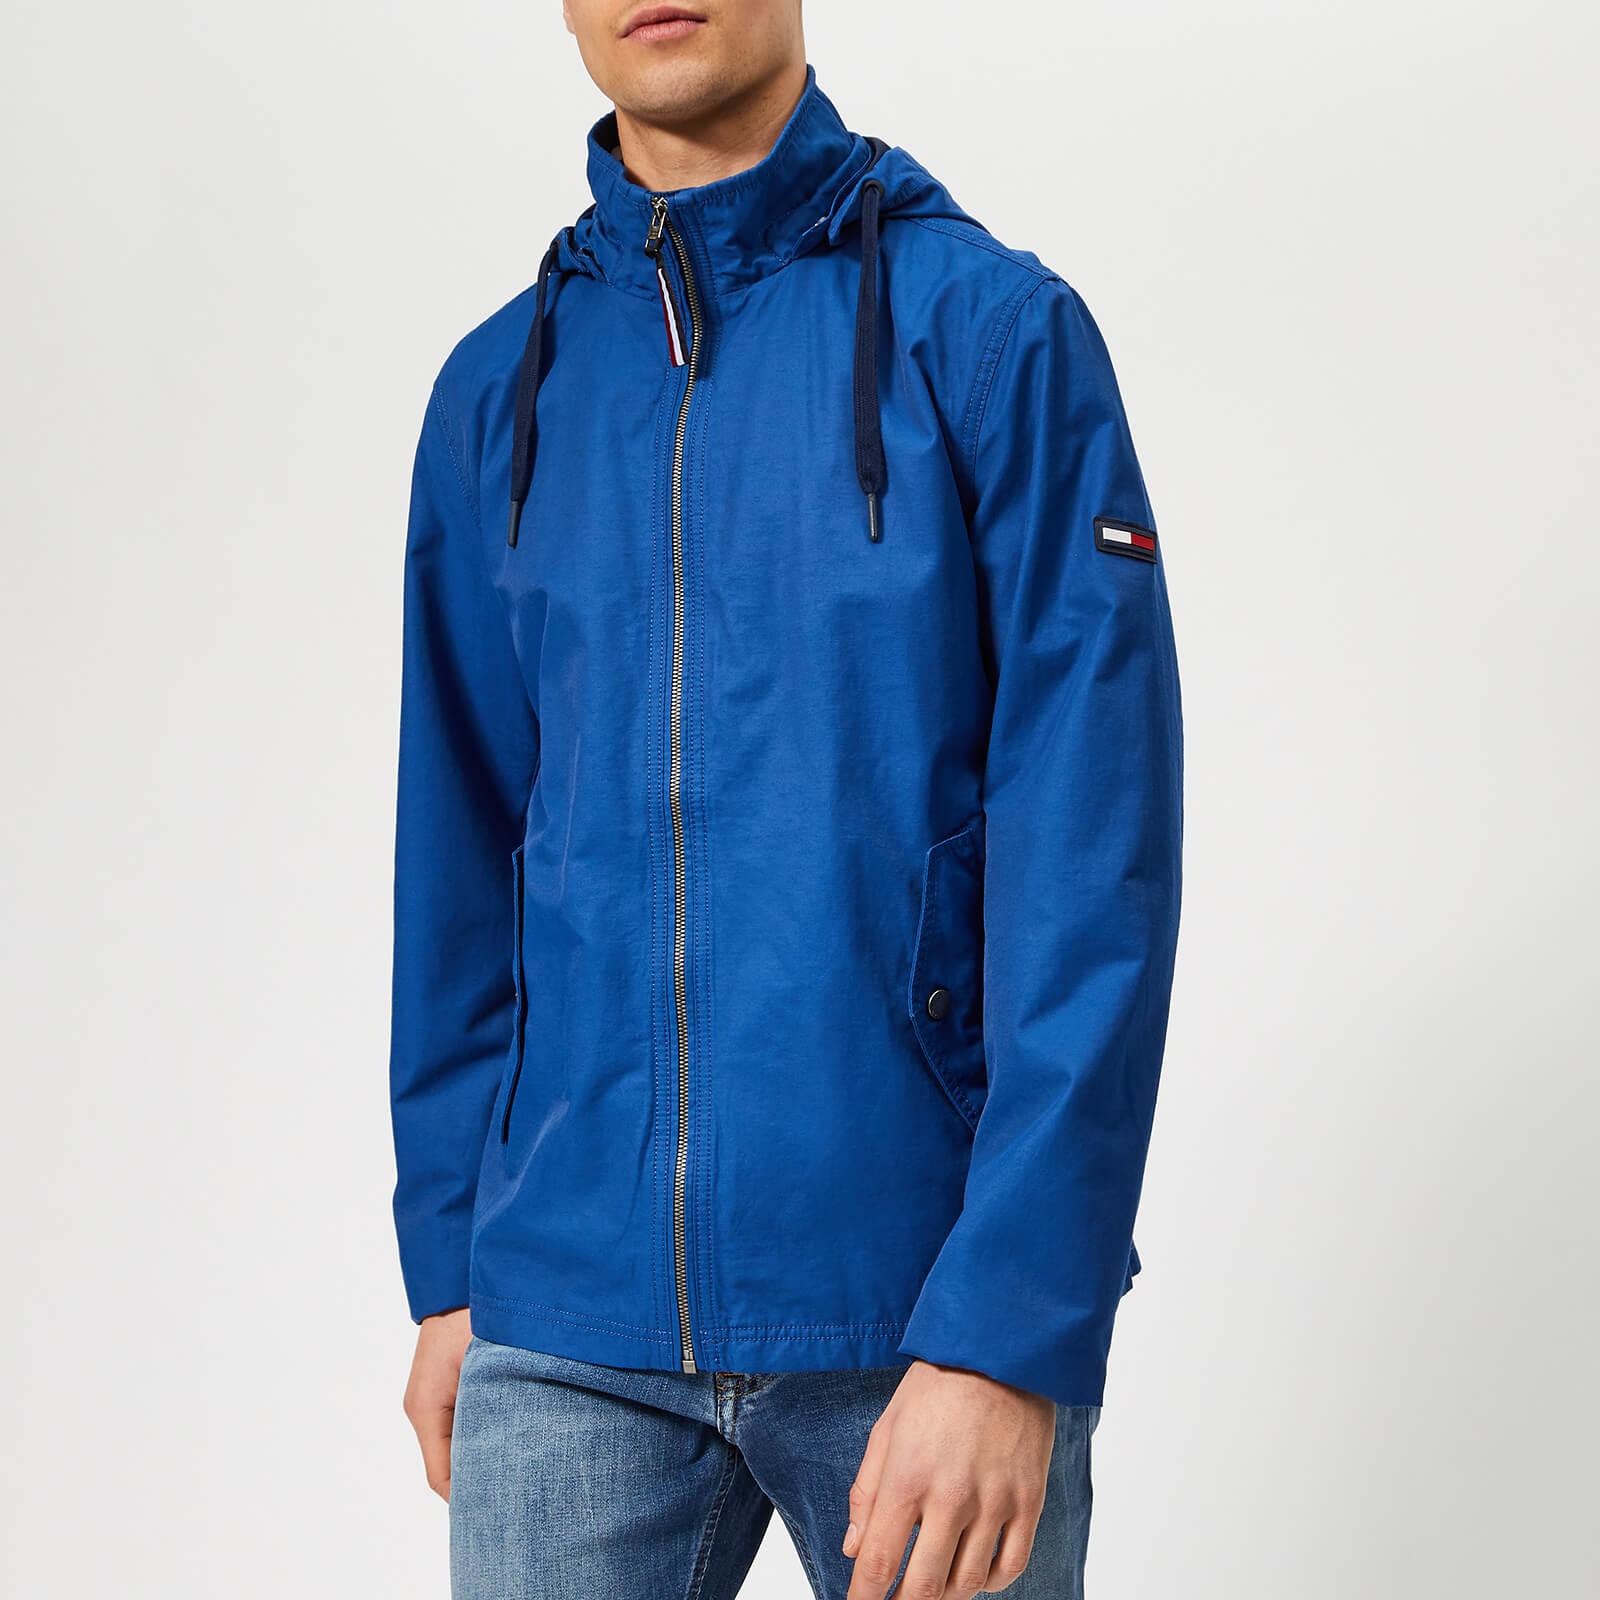 Tommy Jeans Men's Essential Hooded Jacket - Limoges - M - Blue